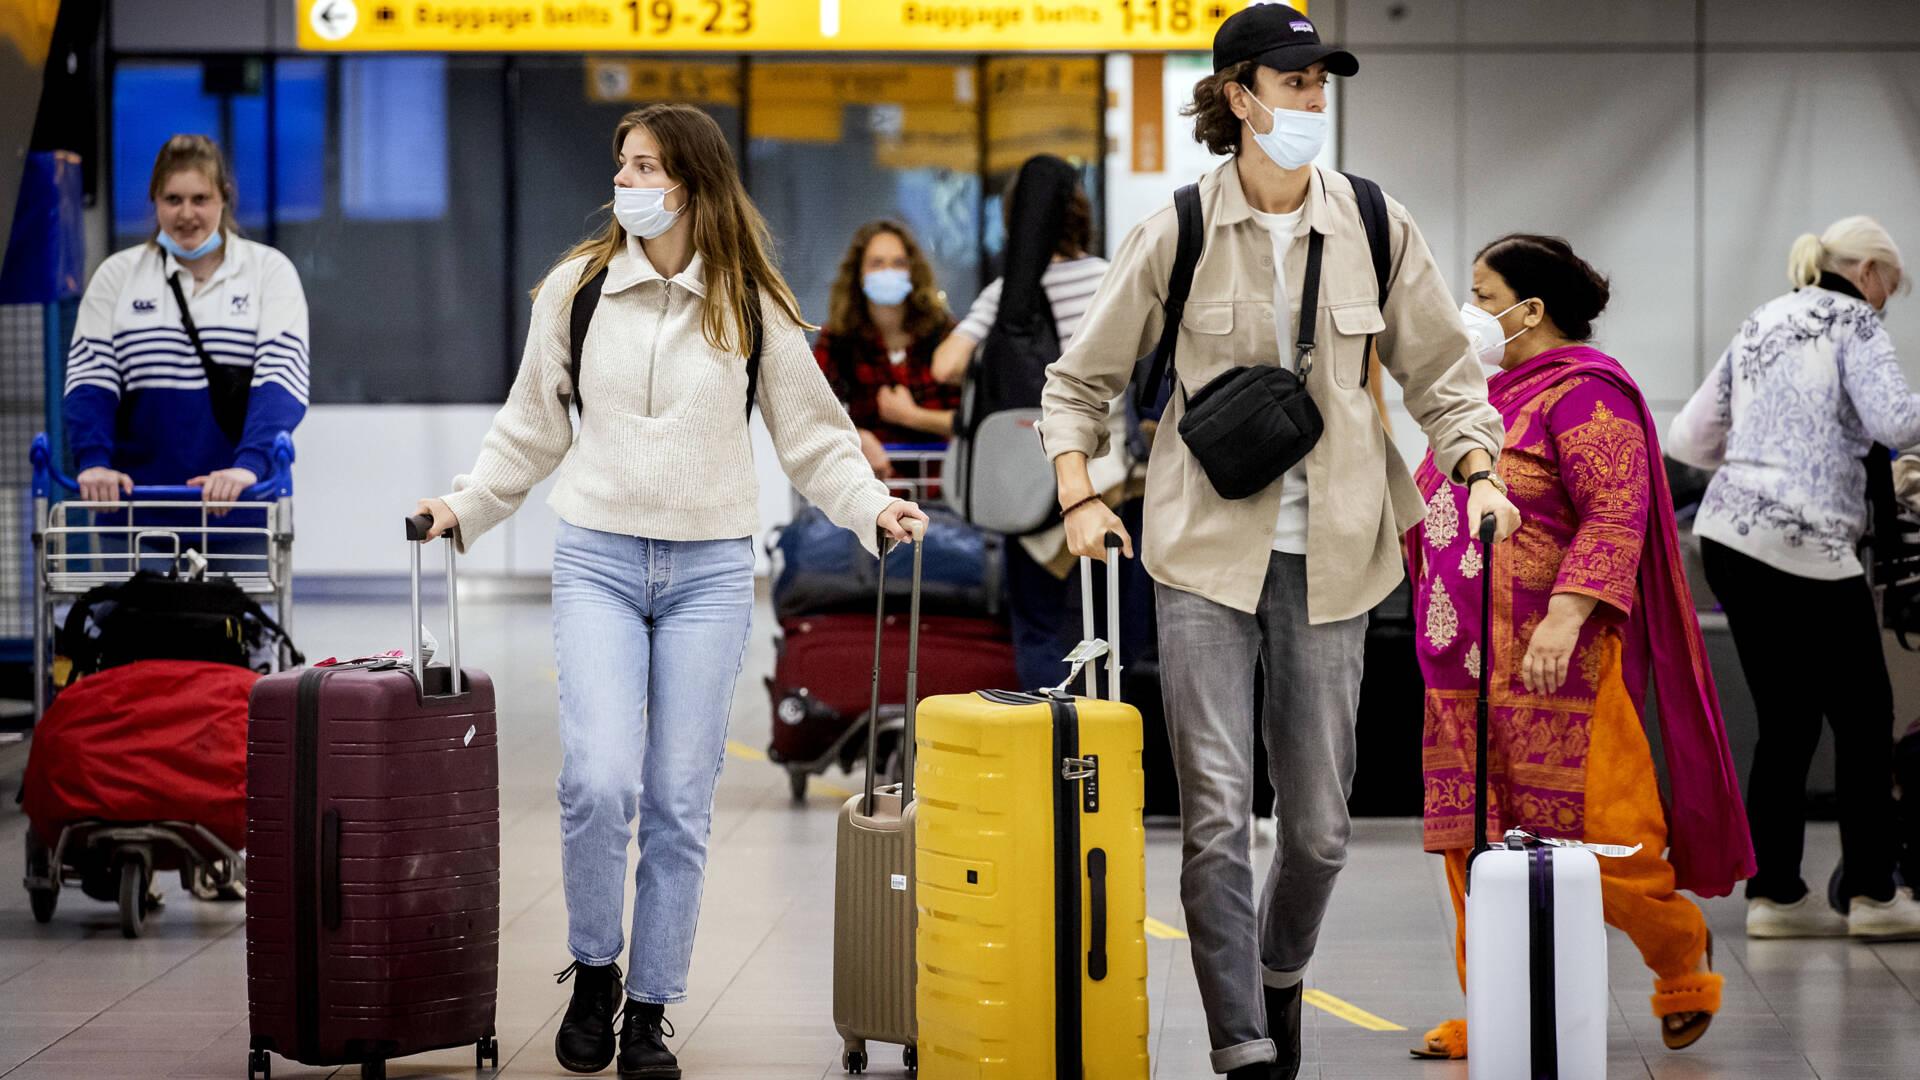 يجب على شركات الطيران إعادة الأموال في غضون 7 أيام إذا تم إلغاء الرحلات